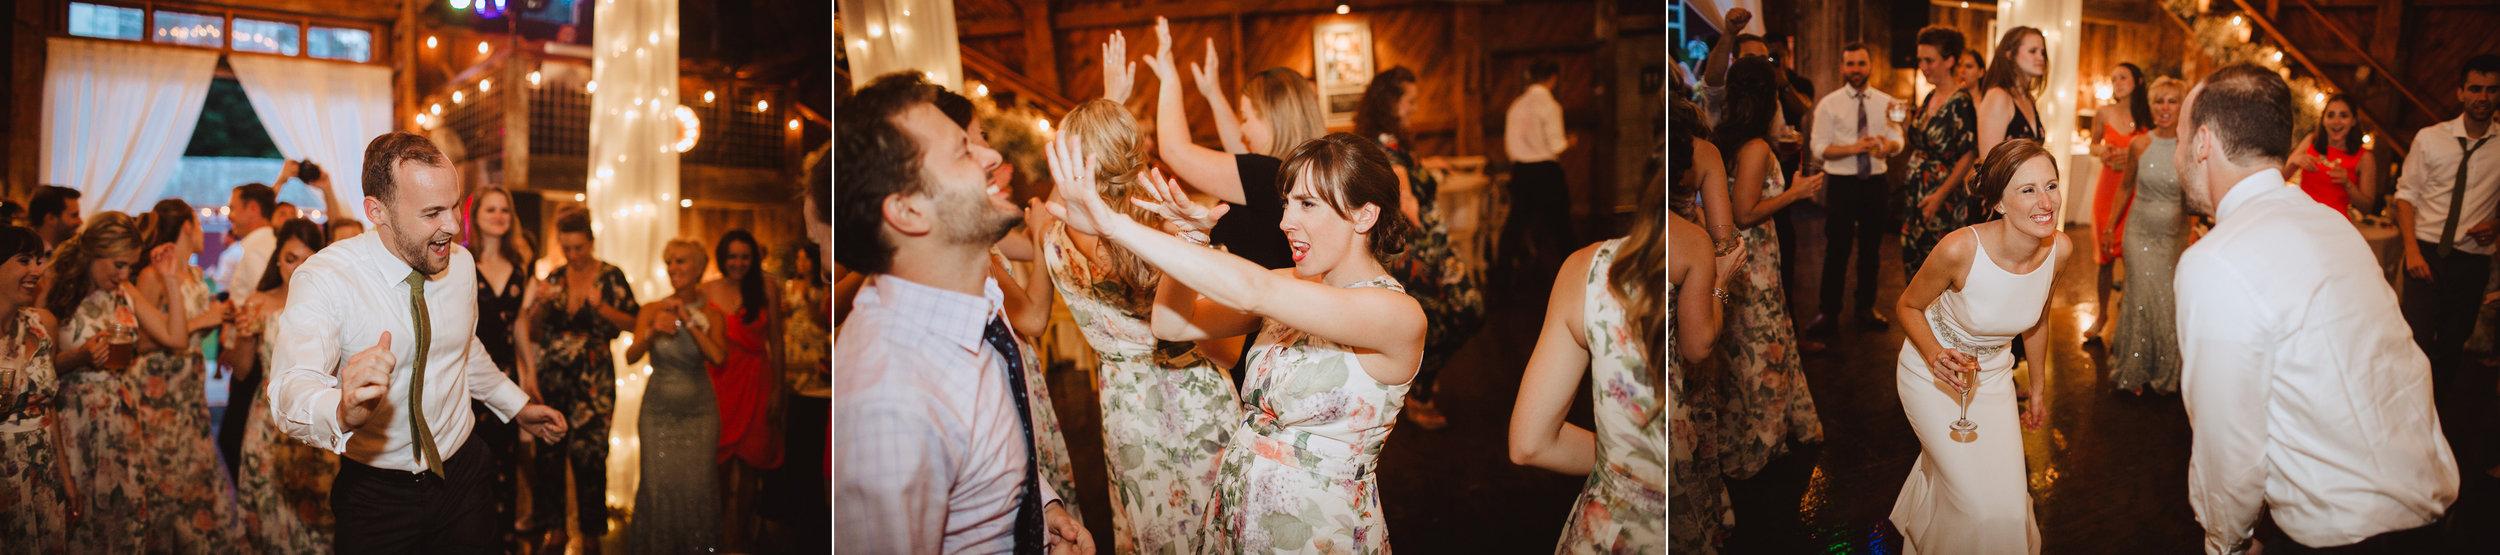 Artsy New Hampshire Wedding pHotographers